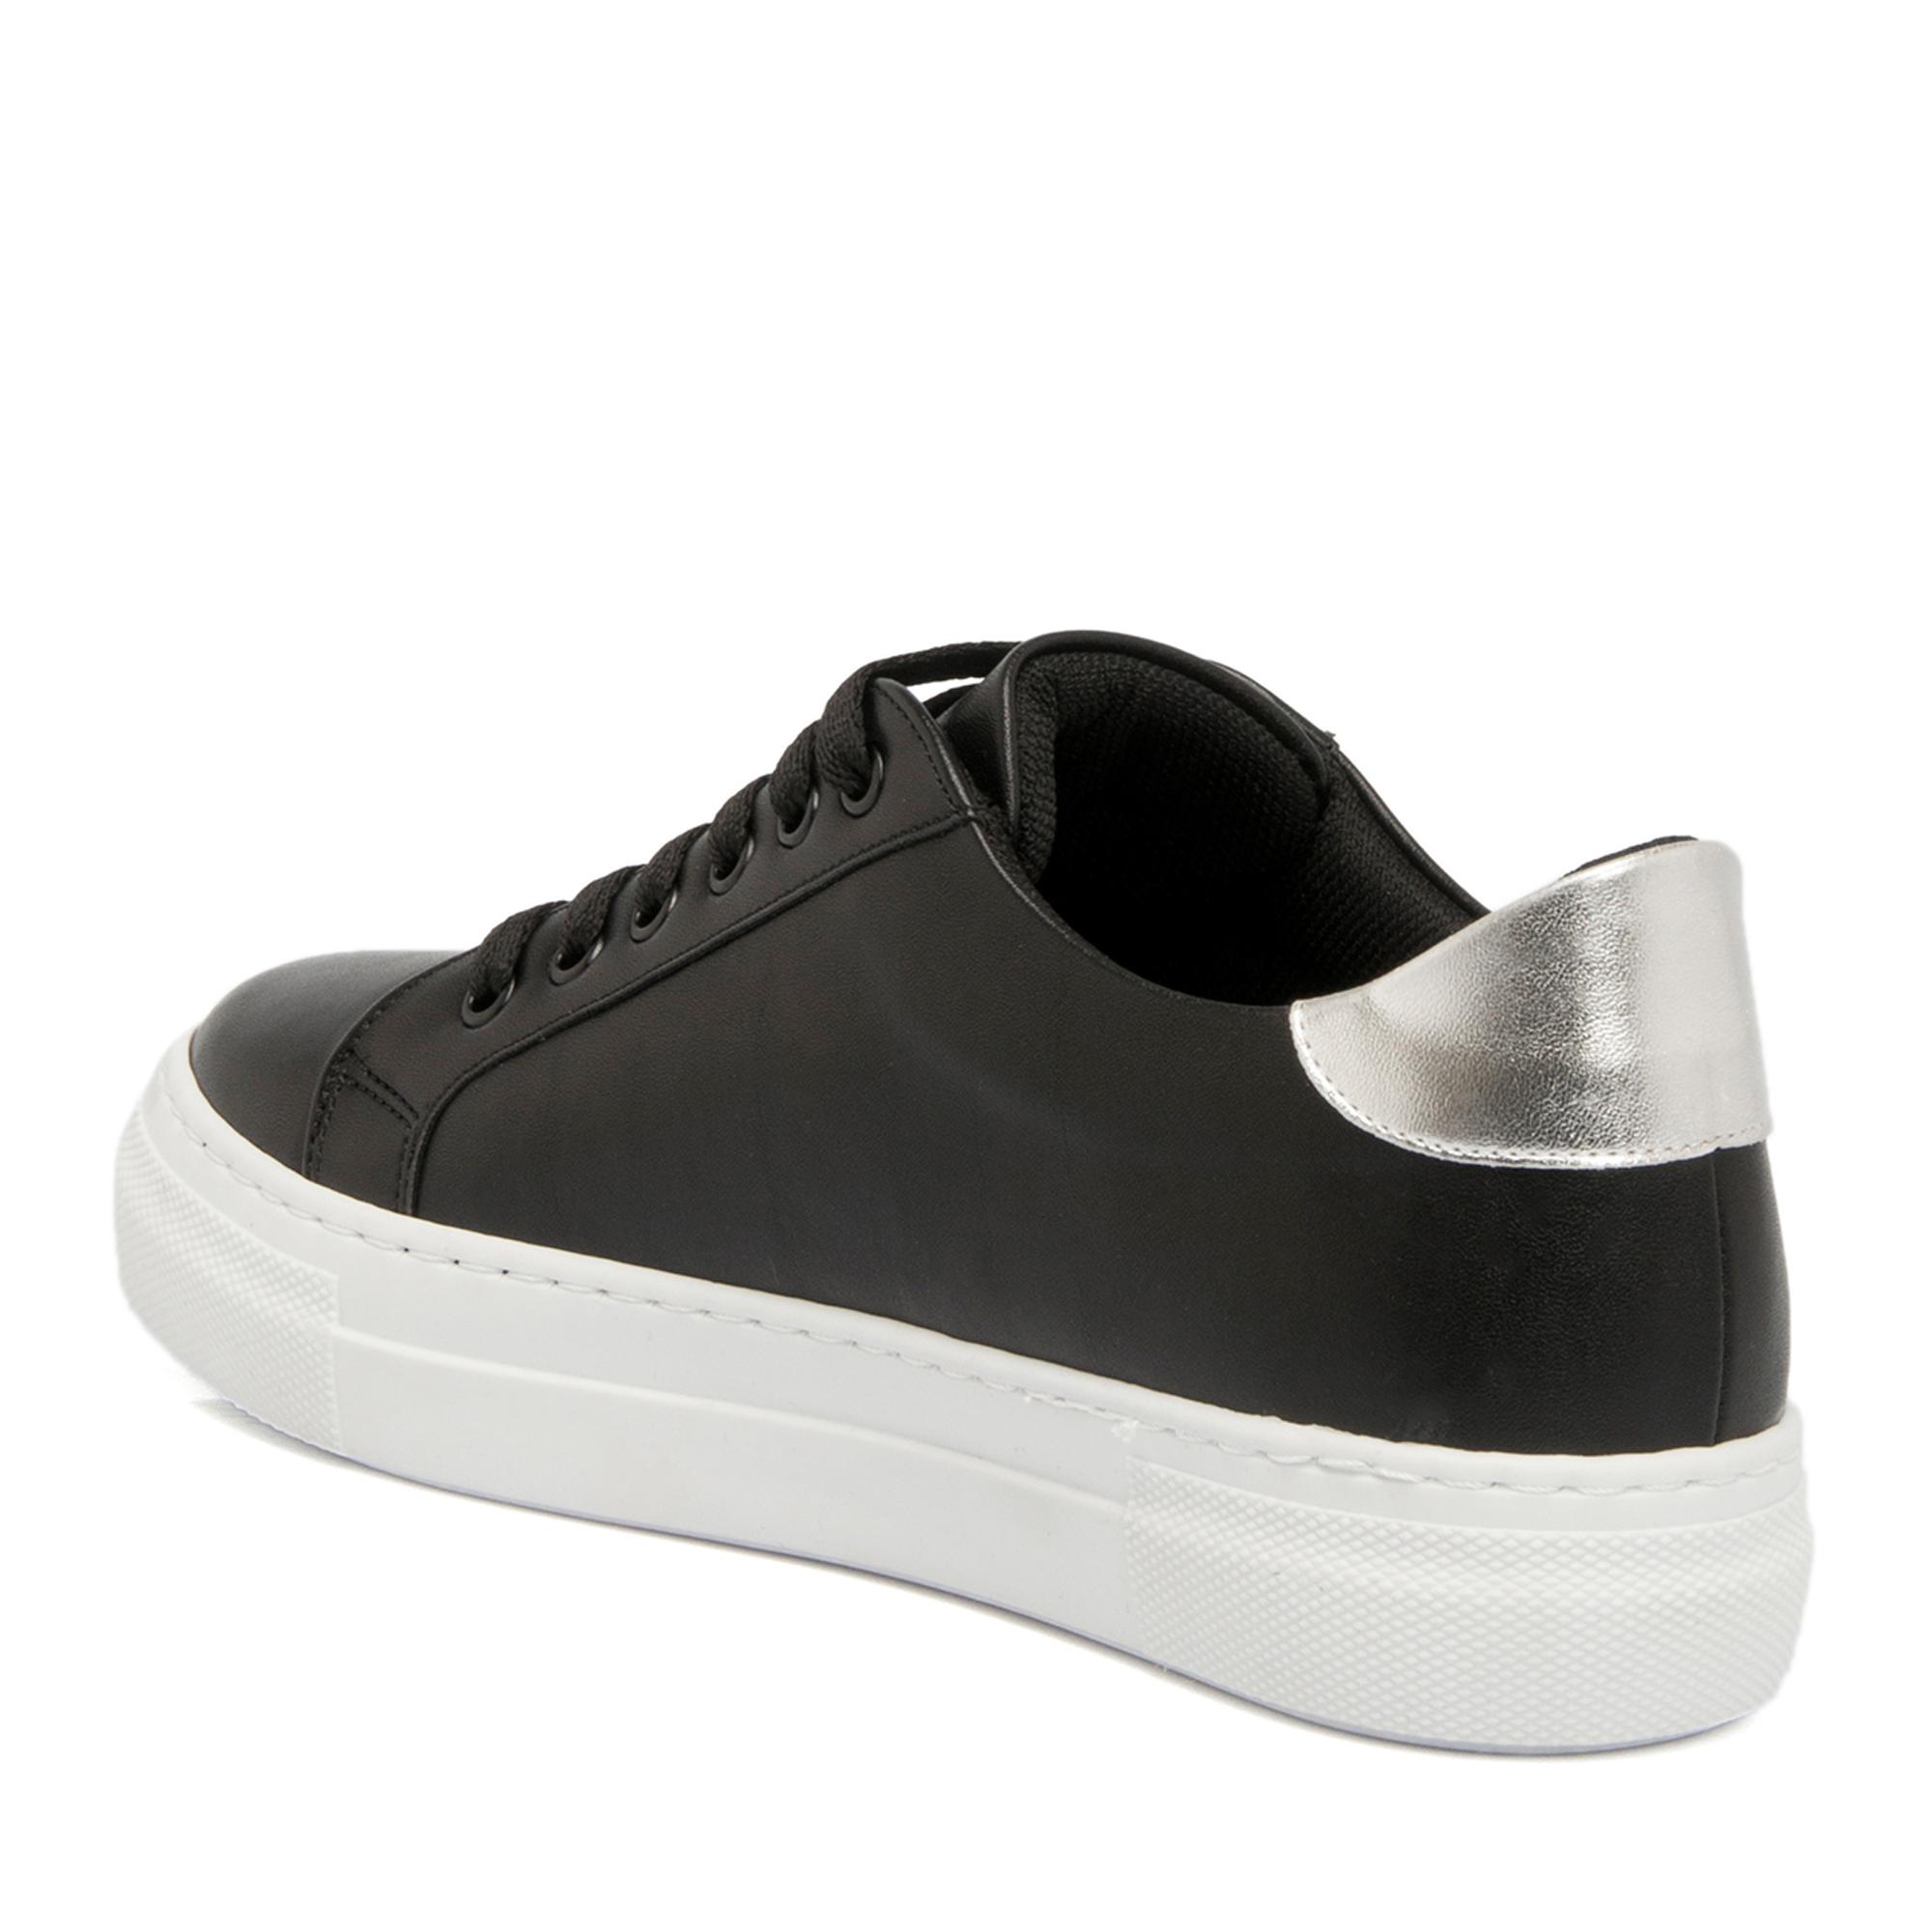 Siyah Kadın Ayakkabı 64231D62